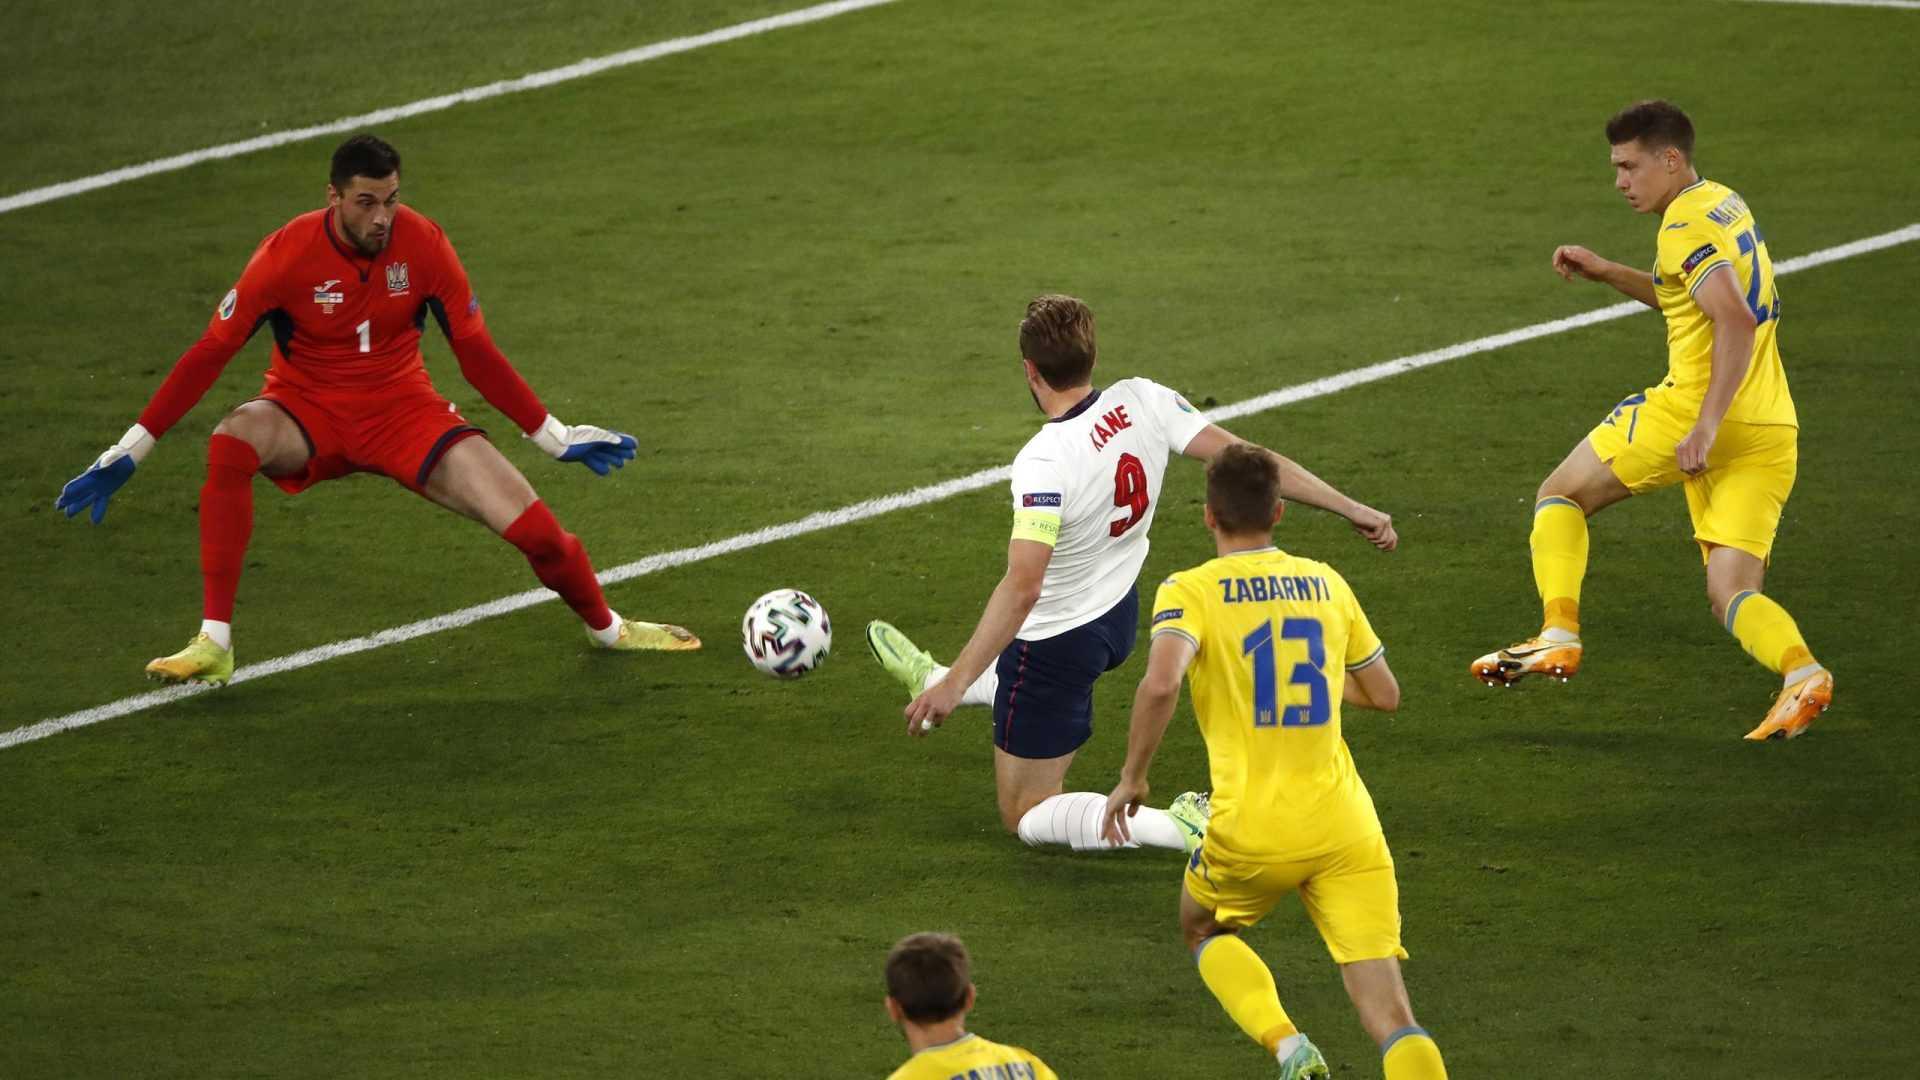 Euro 2021, la classifica marcatori: Schick raggiunge CR7